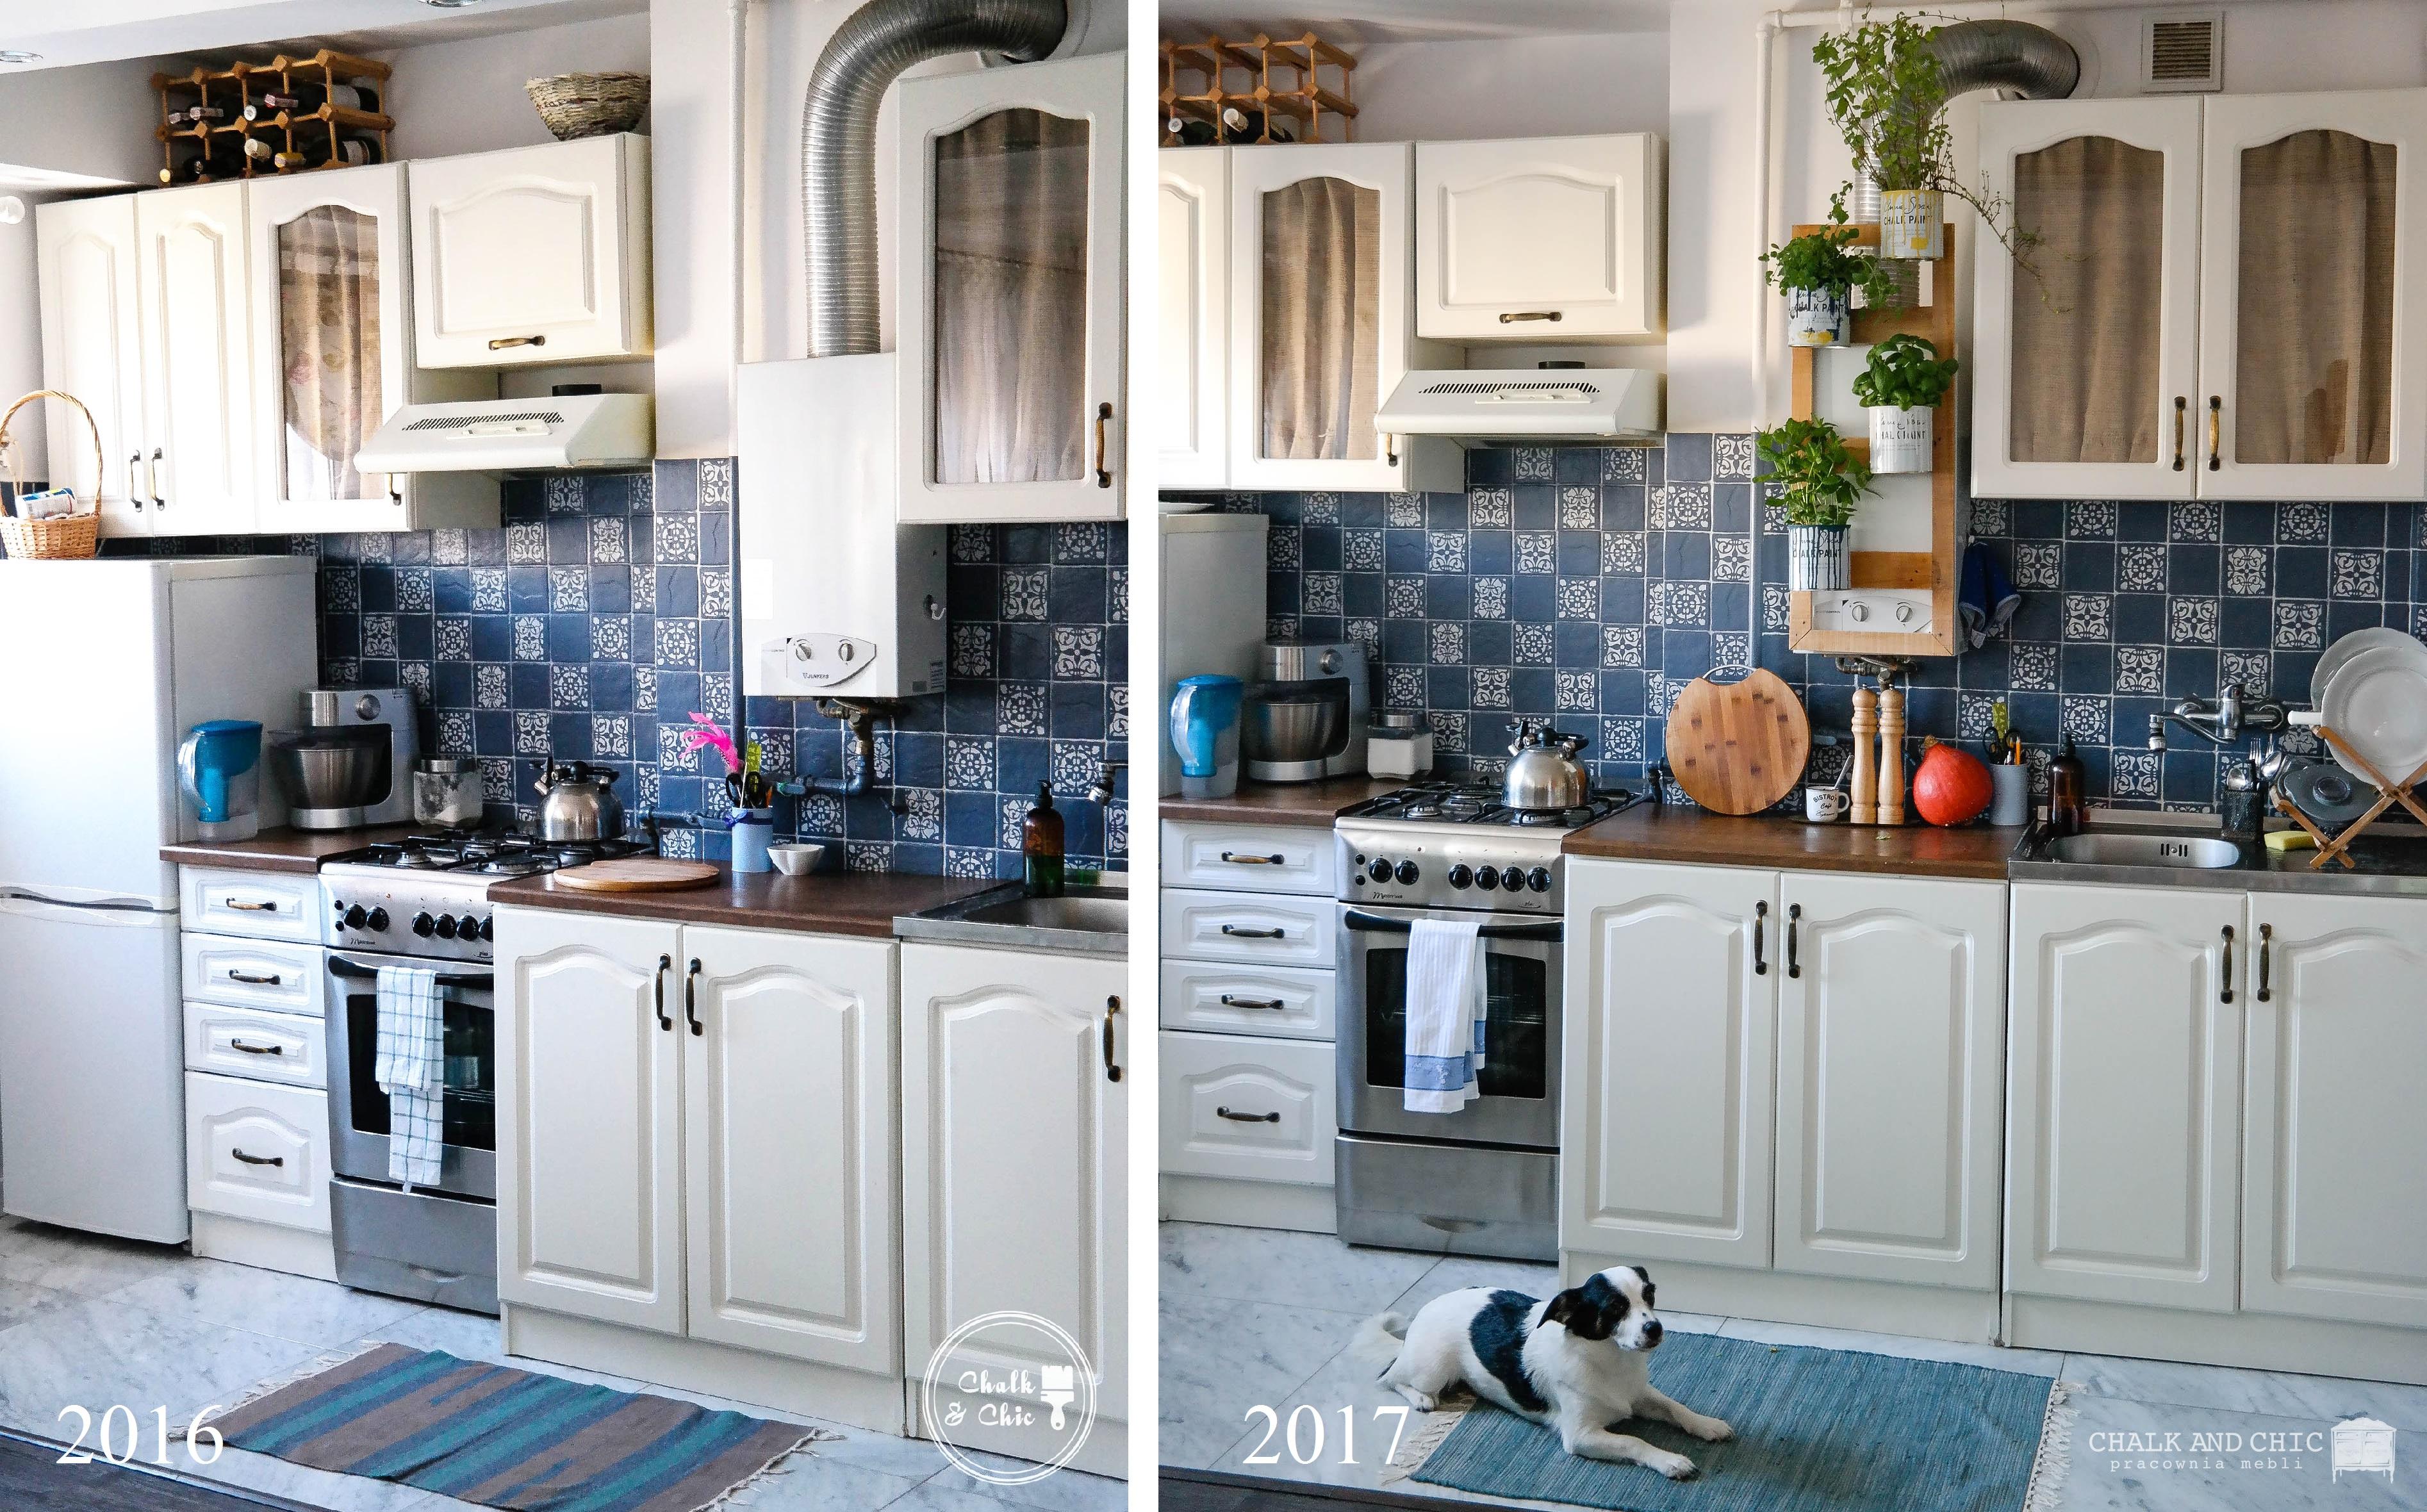 Kuchnia malowana farbami kredowymi po roku użytkowania